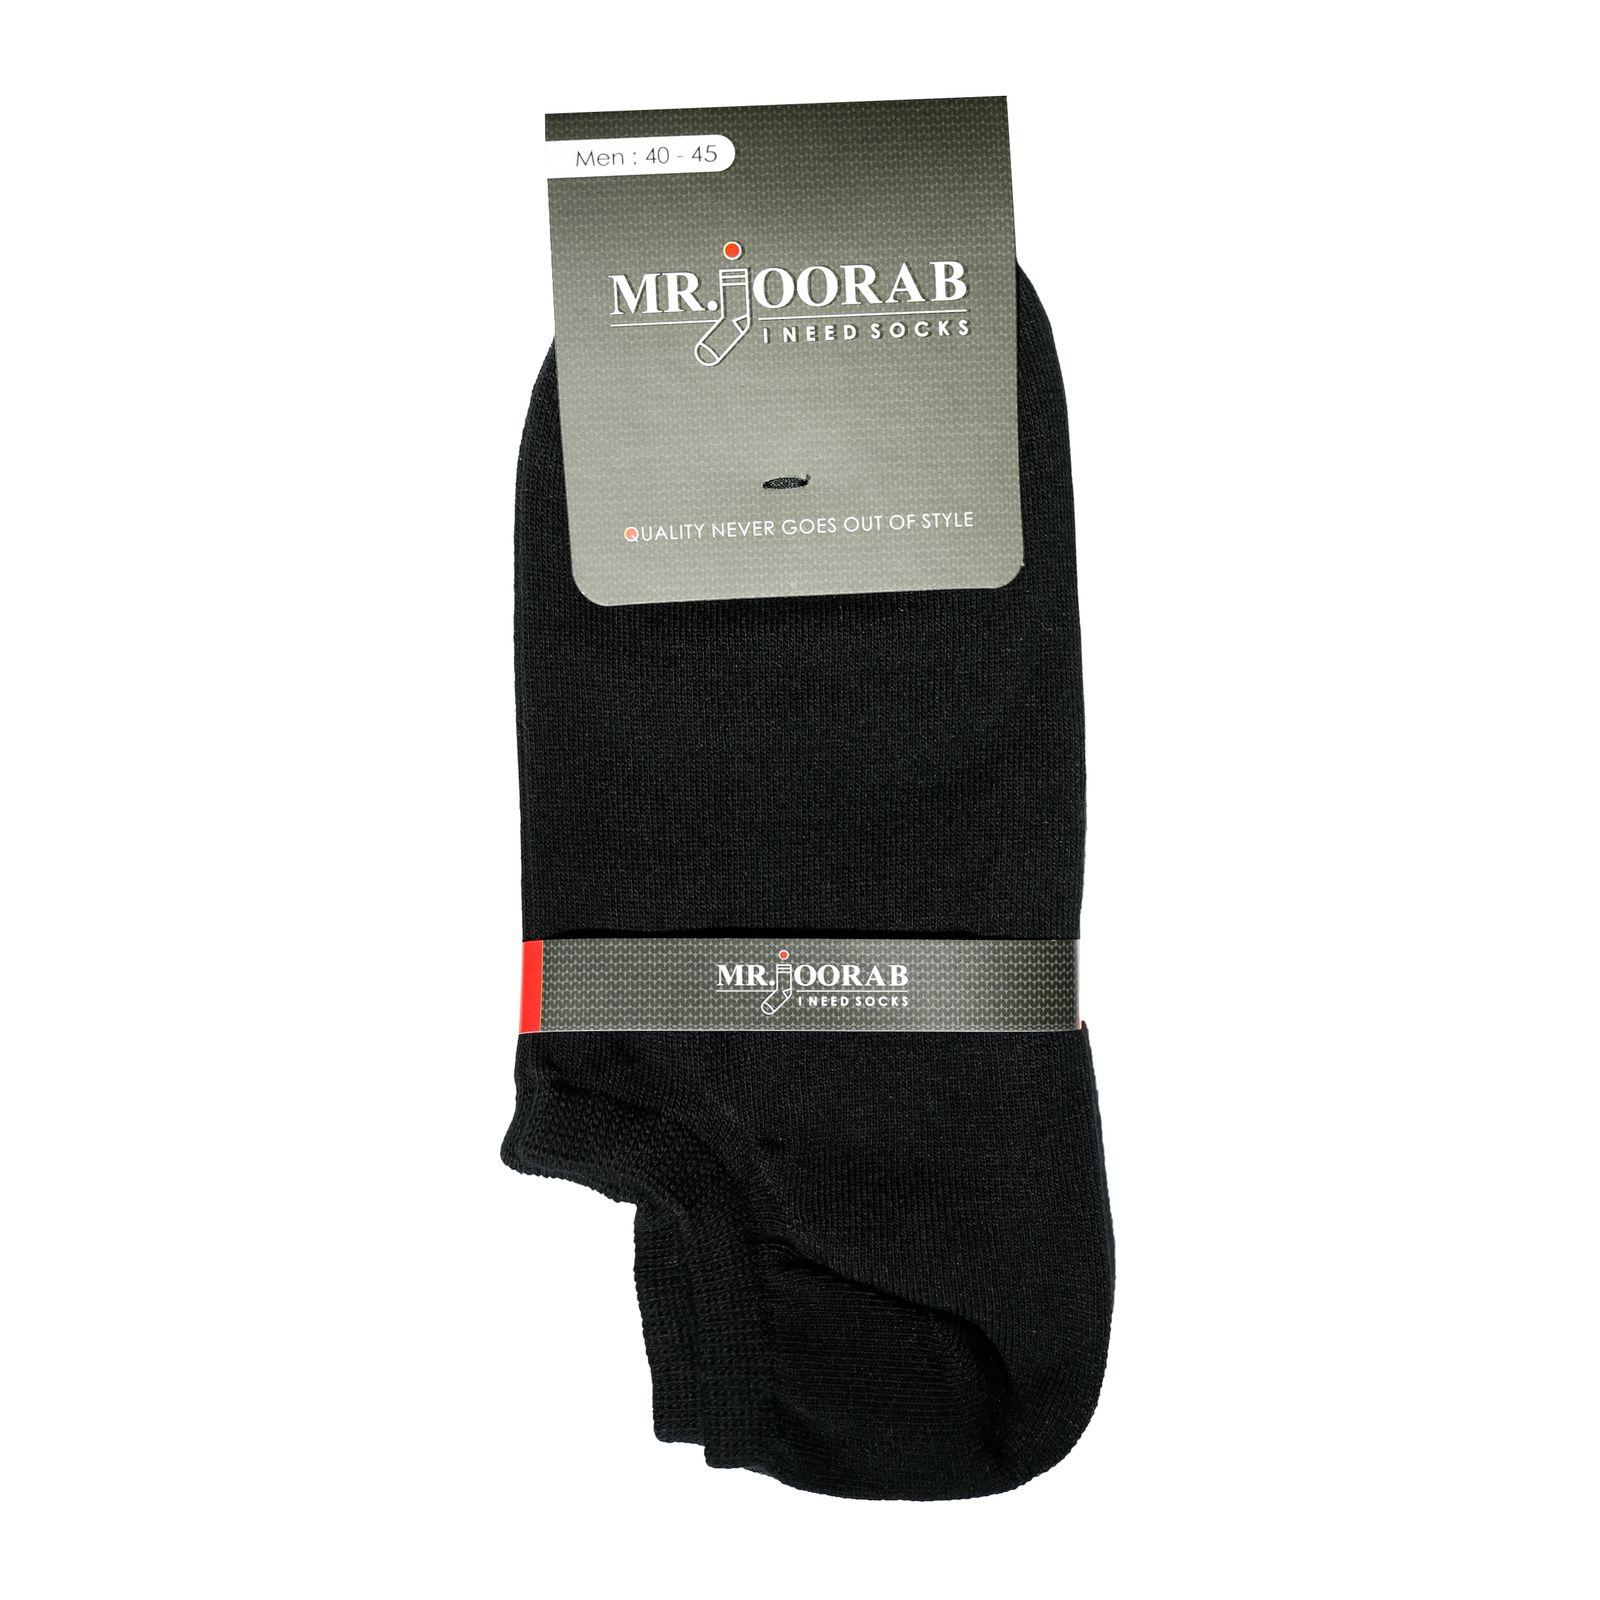 جوراب مردانه مستر جوراب کد BL-MRM 105 بسته 6 عددی -  - 3